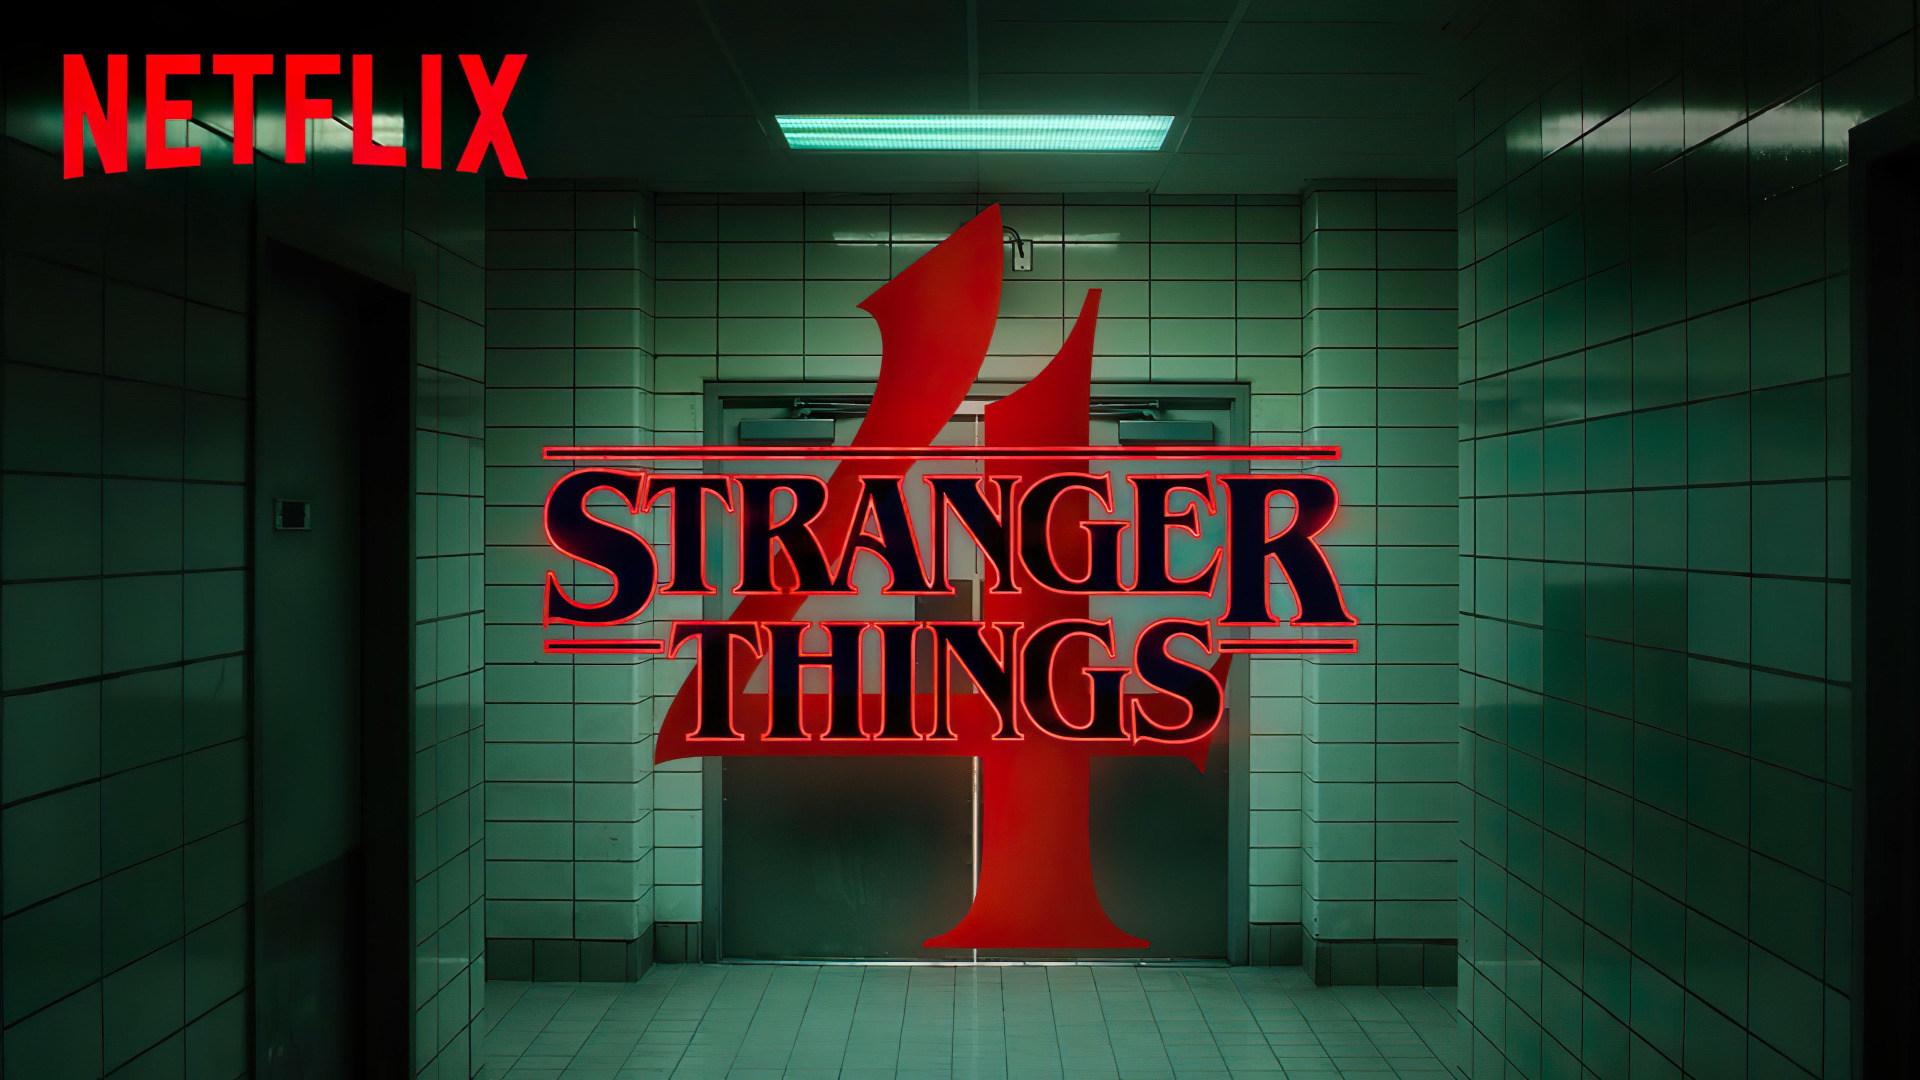 Trailer, Streaming, Netflix, Serie, Teaser, Stranger Things, Stranger Things 4